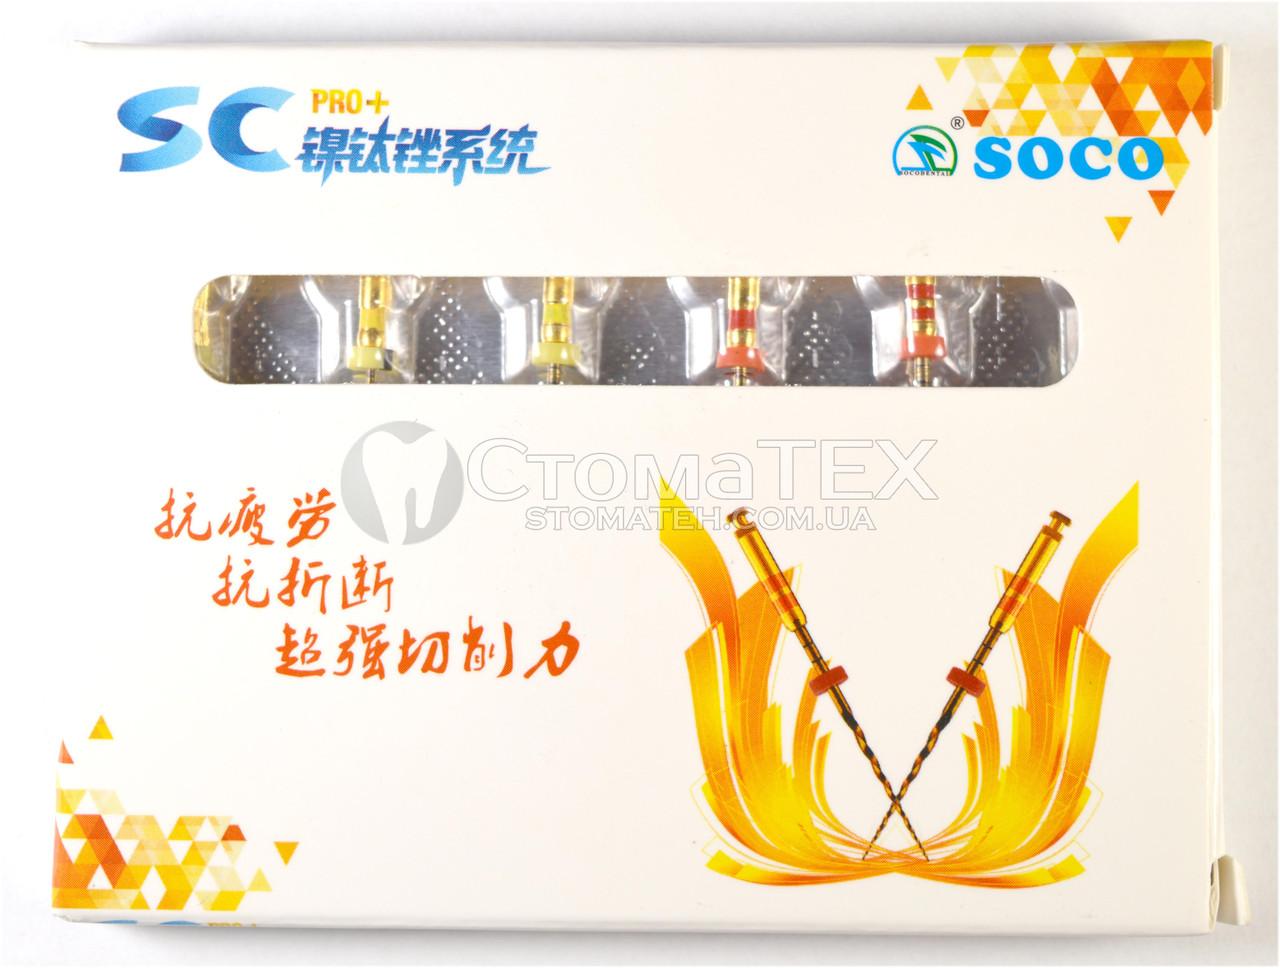 SC-Pro 25мм. 0430, 6шт.